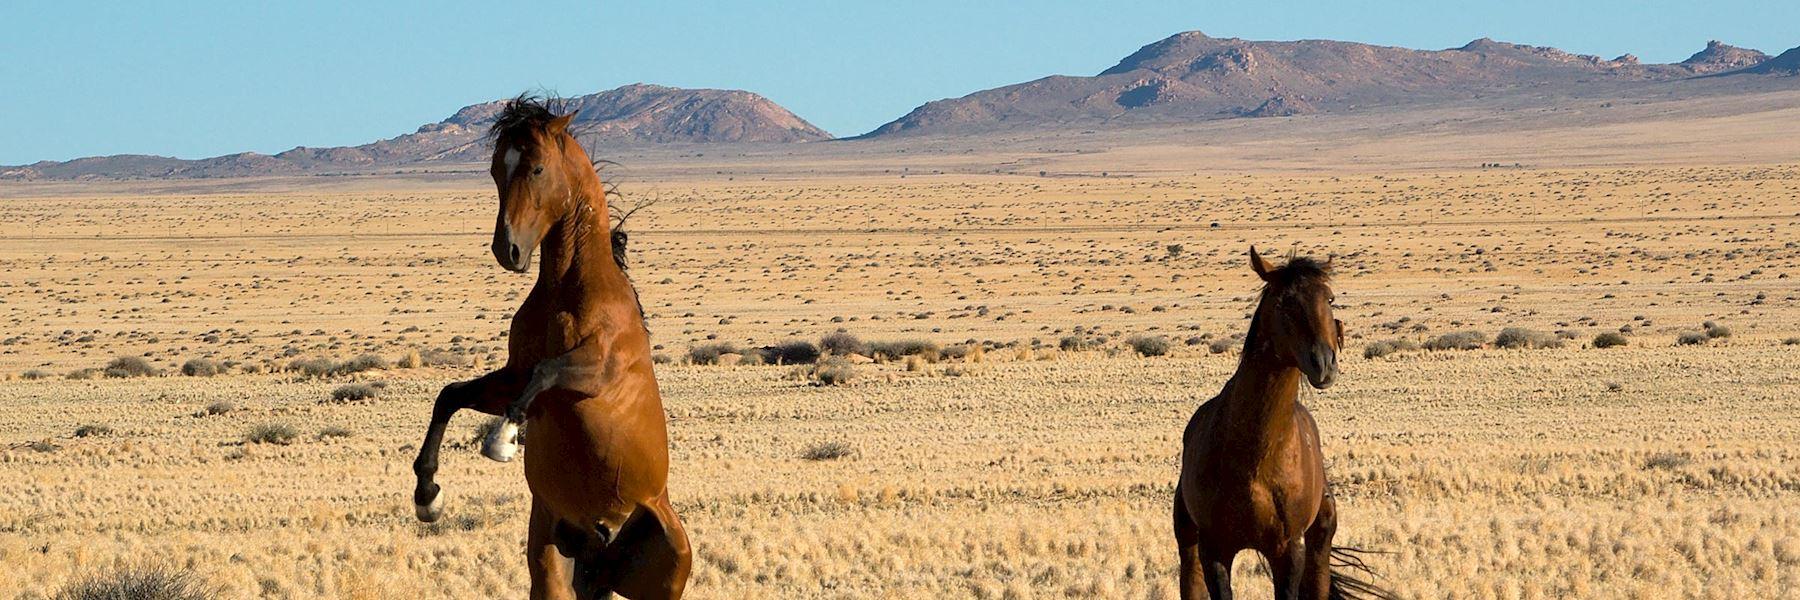 Visit Aus, Namibia